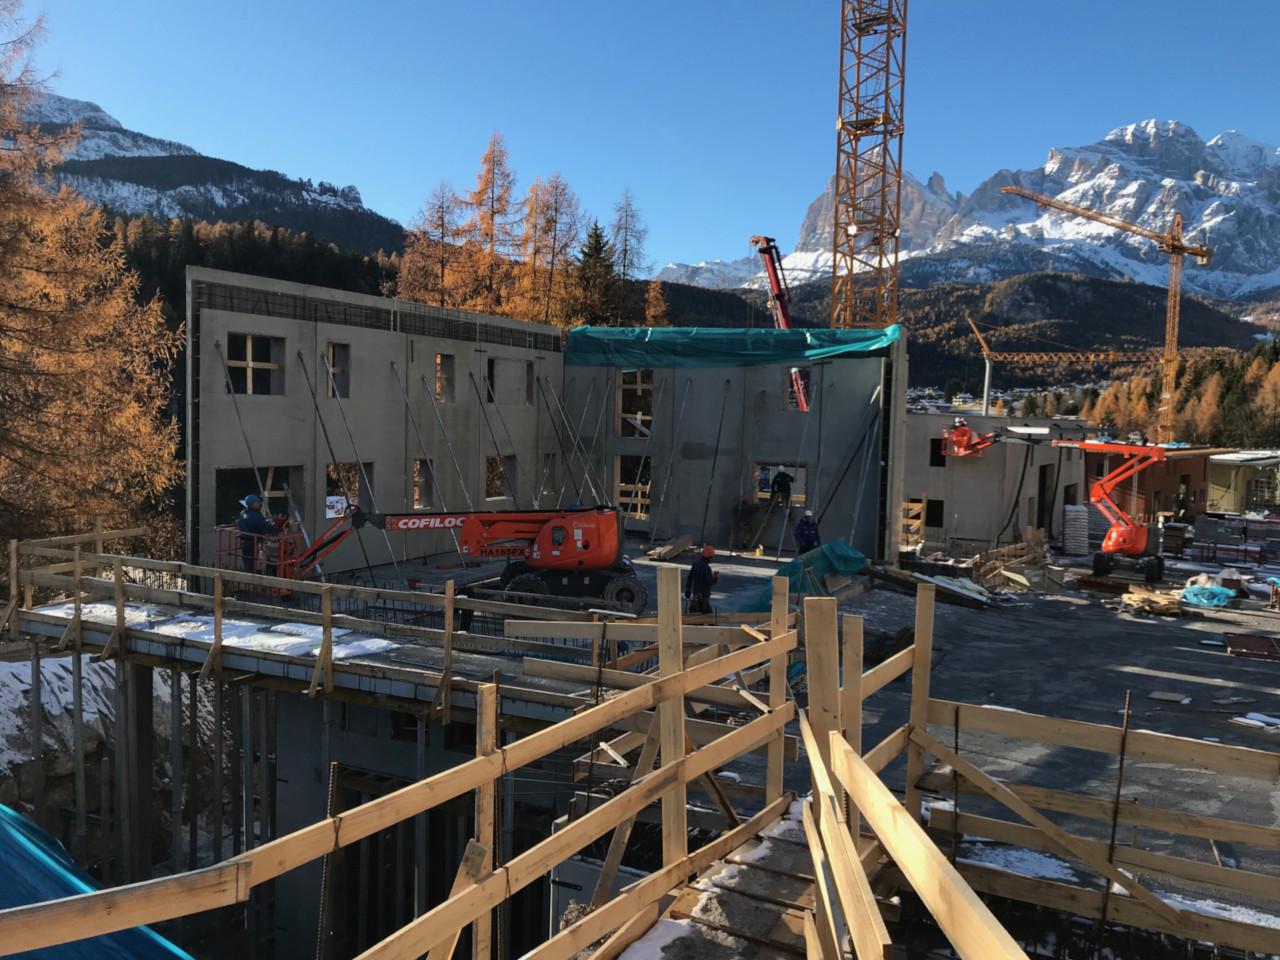 Progetto di costruzione di nuovi fabbricati artigianali in loc. Boschedel di Pian da Lago a Cortina d'Ampezzo